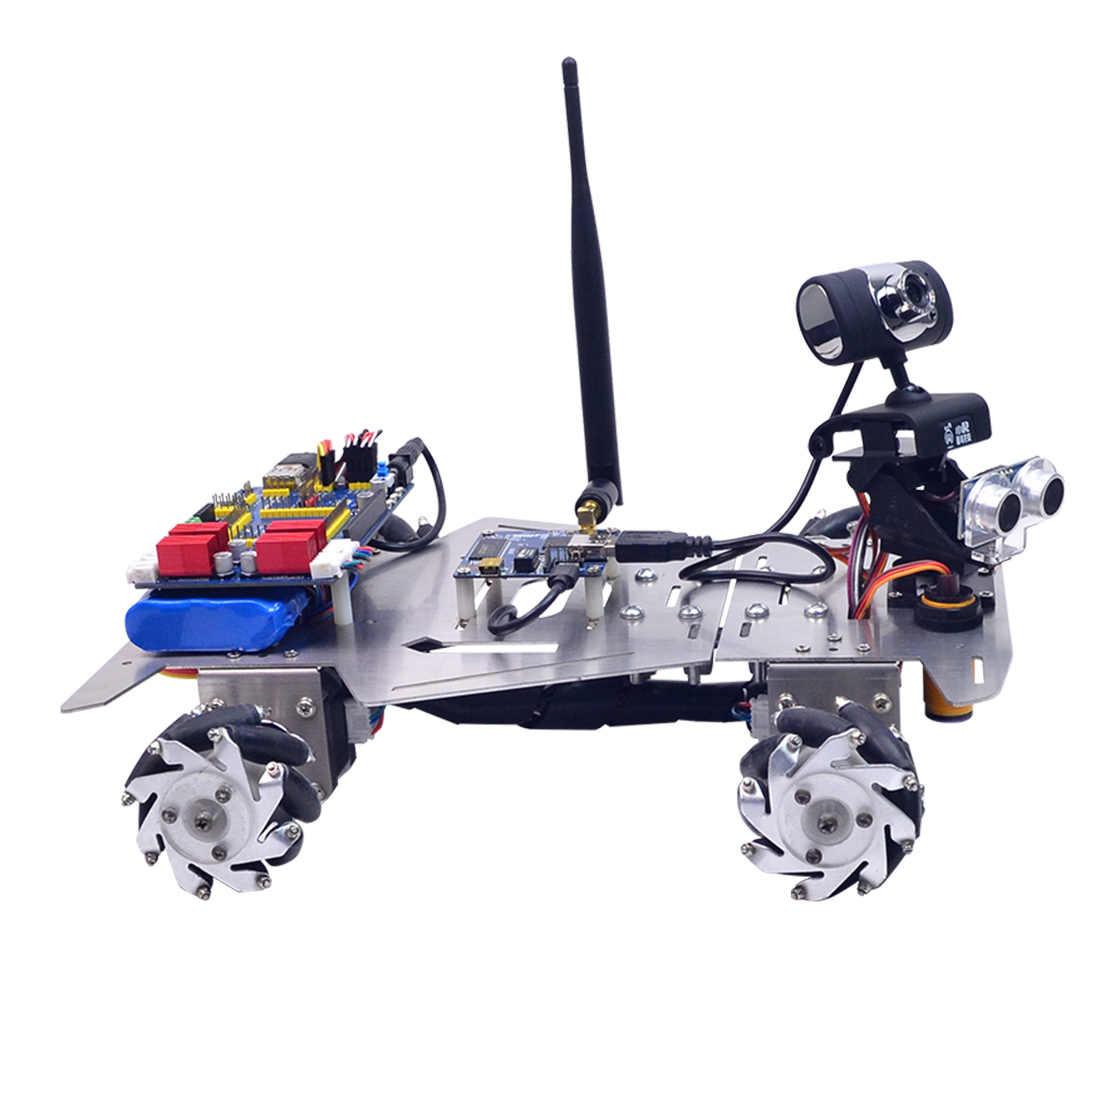 2019 новый XR мастер всенаправленный Mecanum колесный робот-wifi + Bluetooth версия с высоким качеством